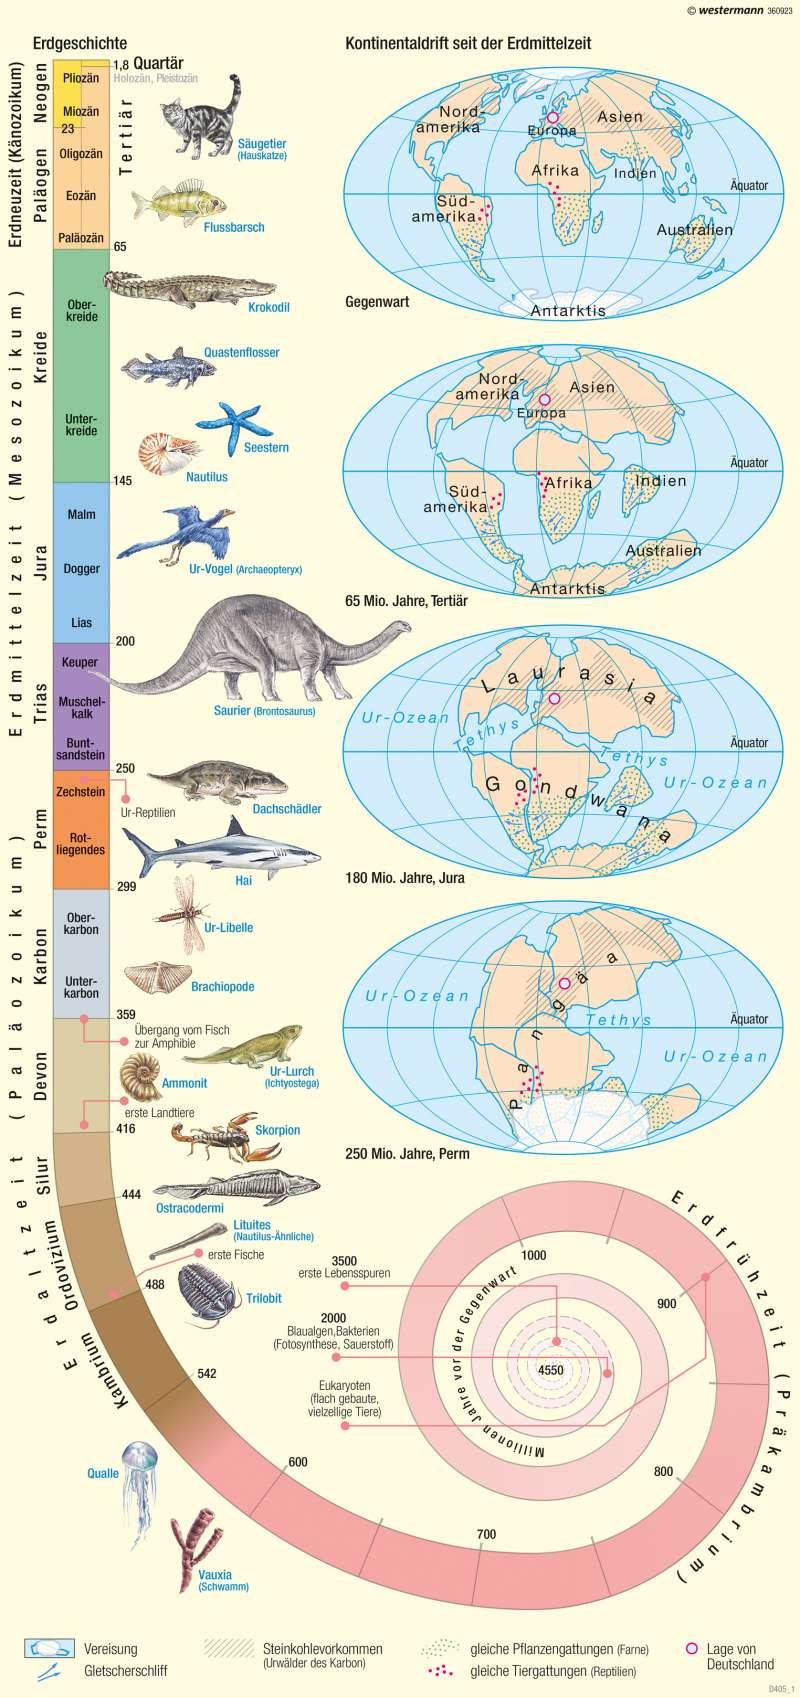 | Erdgeschichte und Kontinentaldrift | Erde - Erdgeschichte, Tektonik, Vulkanismus | Karte 242/1